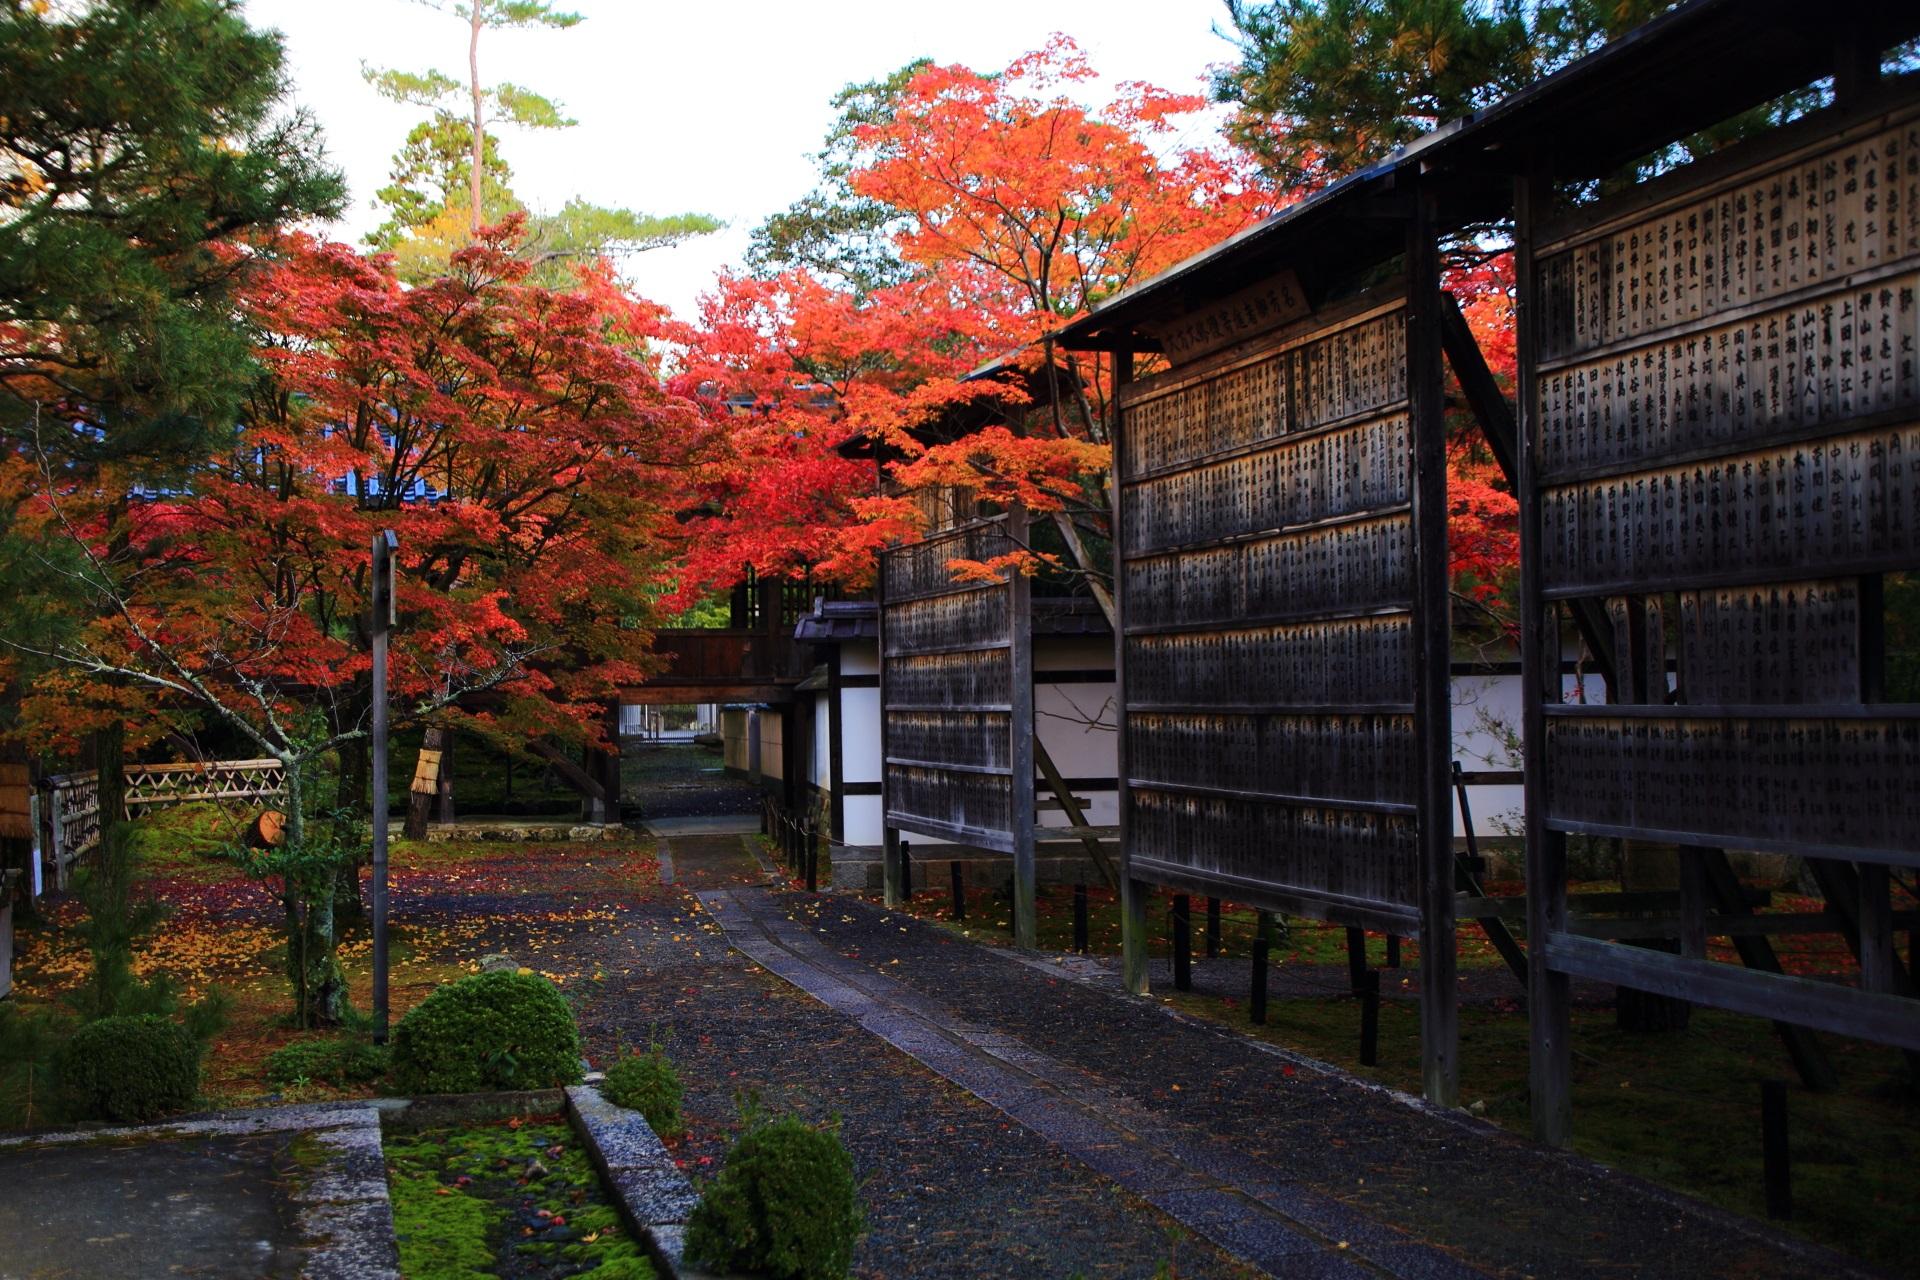 静かな境内で燃え上がるような鮮やかな紅葉